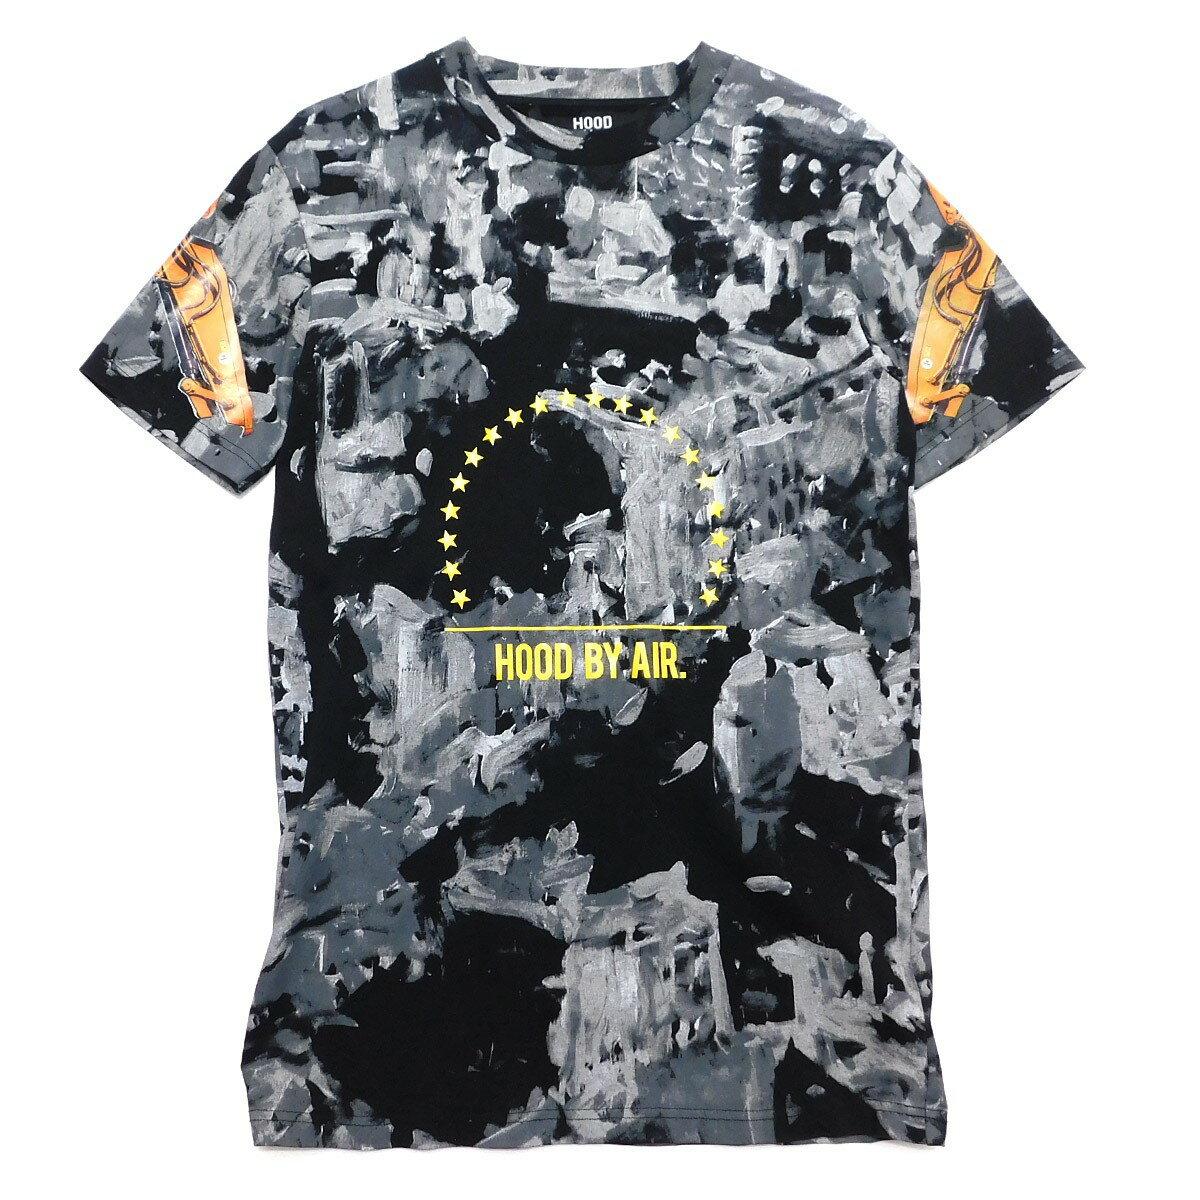 トップス, Tシャツ・カットソー HOOD BY AIR T S 310320